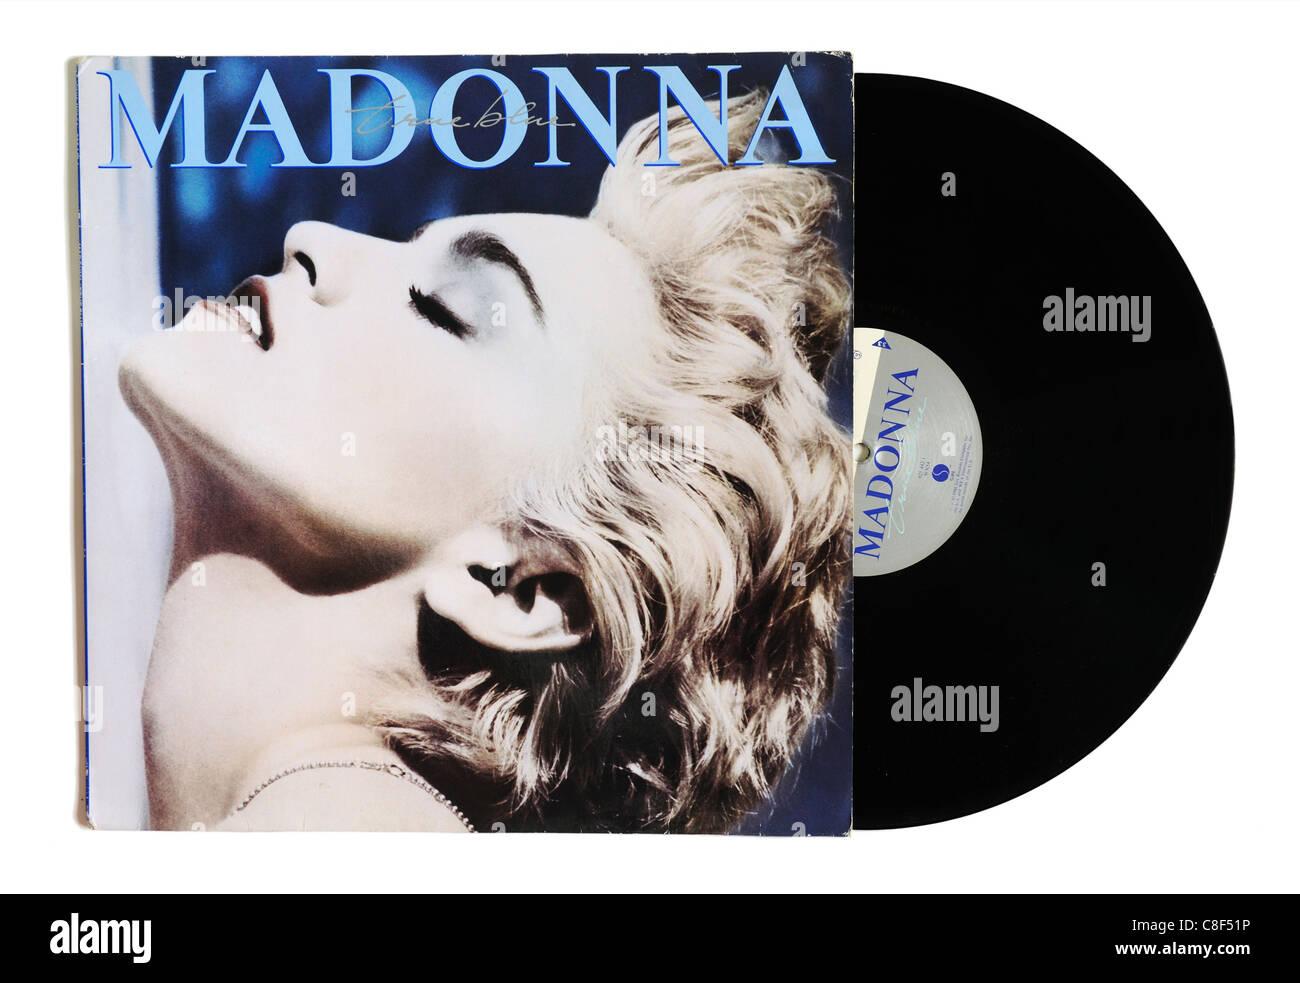 Madonna True Blue album - Stock Image